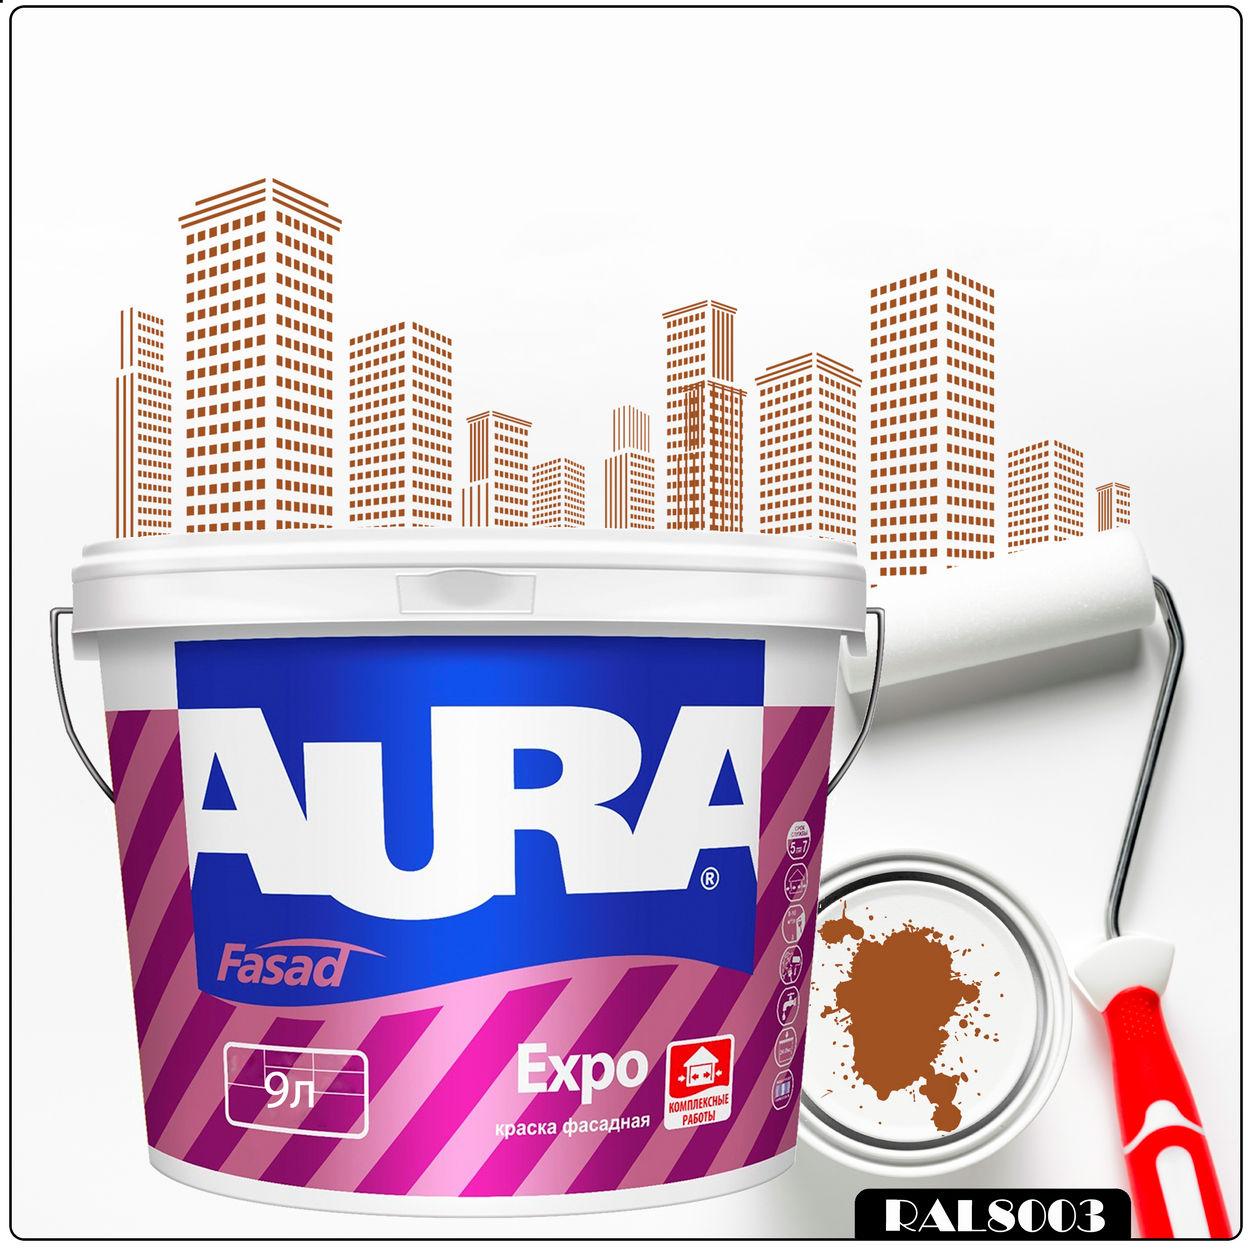 Фото 4 - Краска Aura Fasad Expo, RAL 8003 Коричневая-глина, матовая, для фасадов и помещений с повышенной влажностью, 9л.